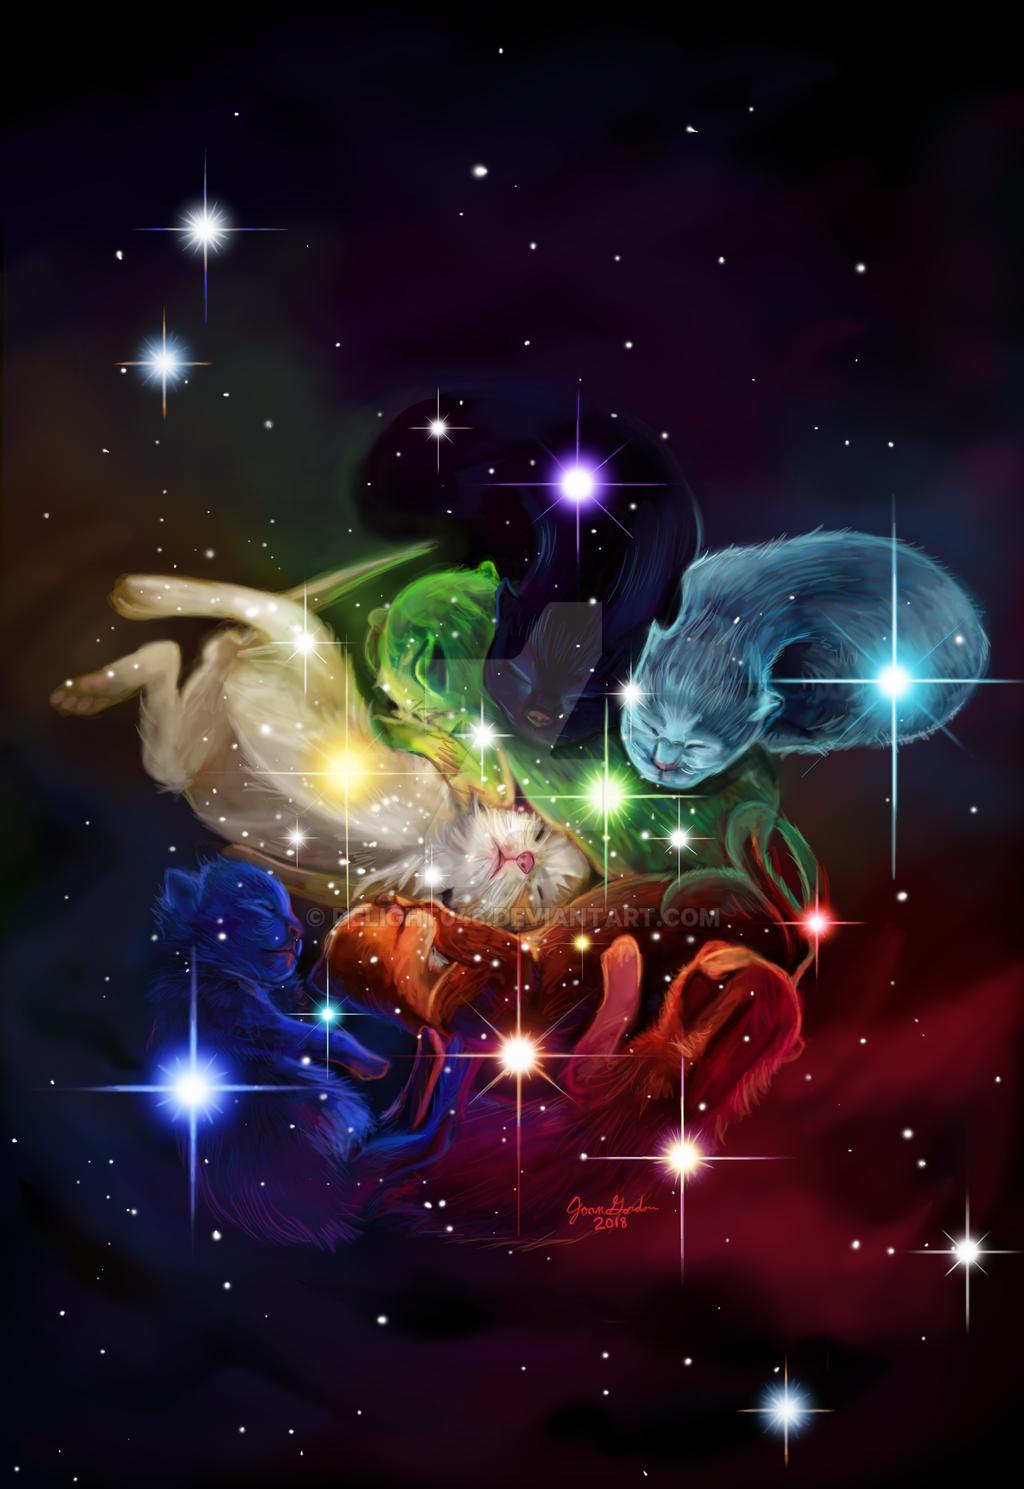 Kindle Nebula by Delight046